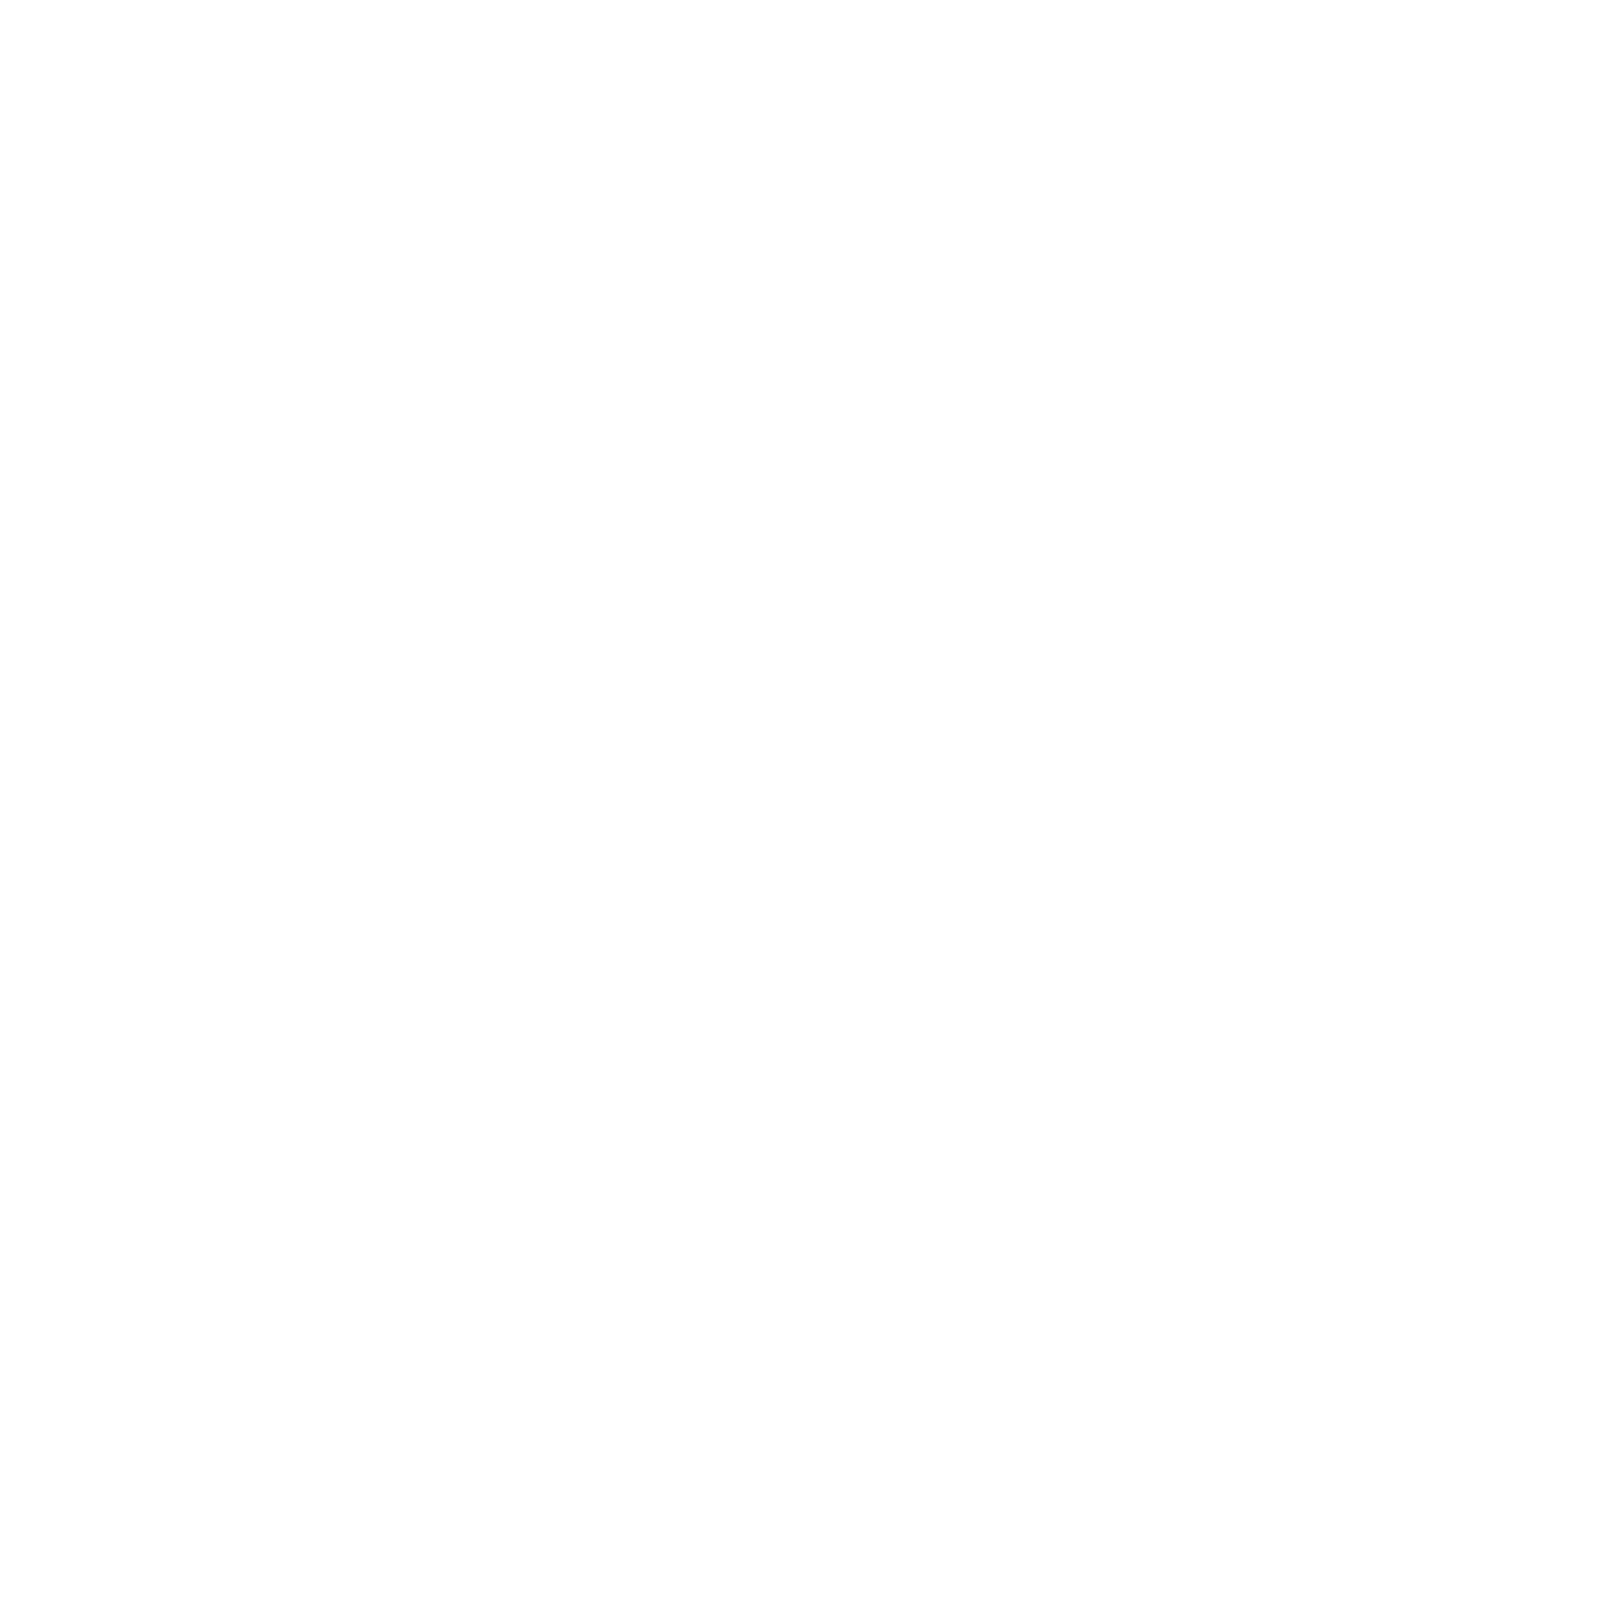 BCSArtboard 1 copy 8Partner Logos.png